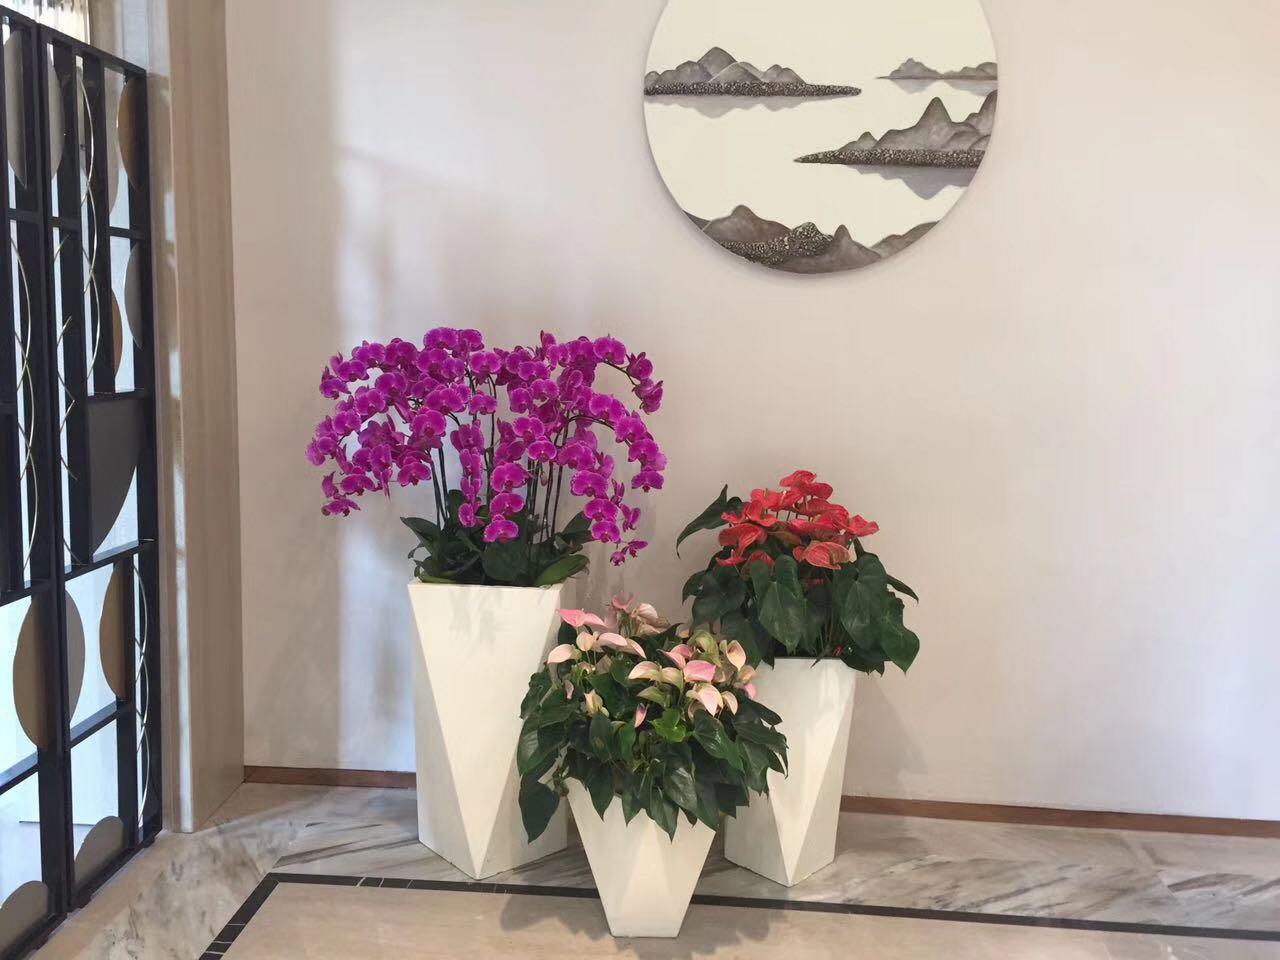 药明康德-办公室植物租赁